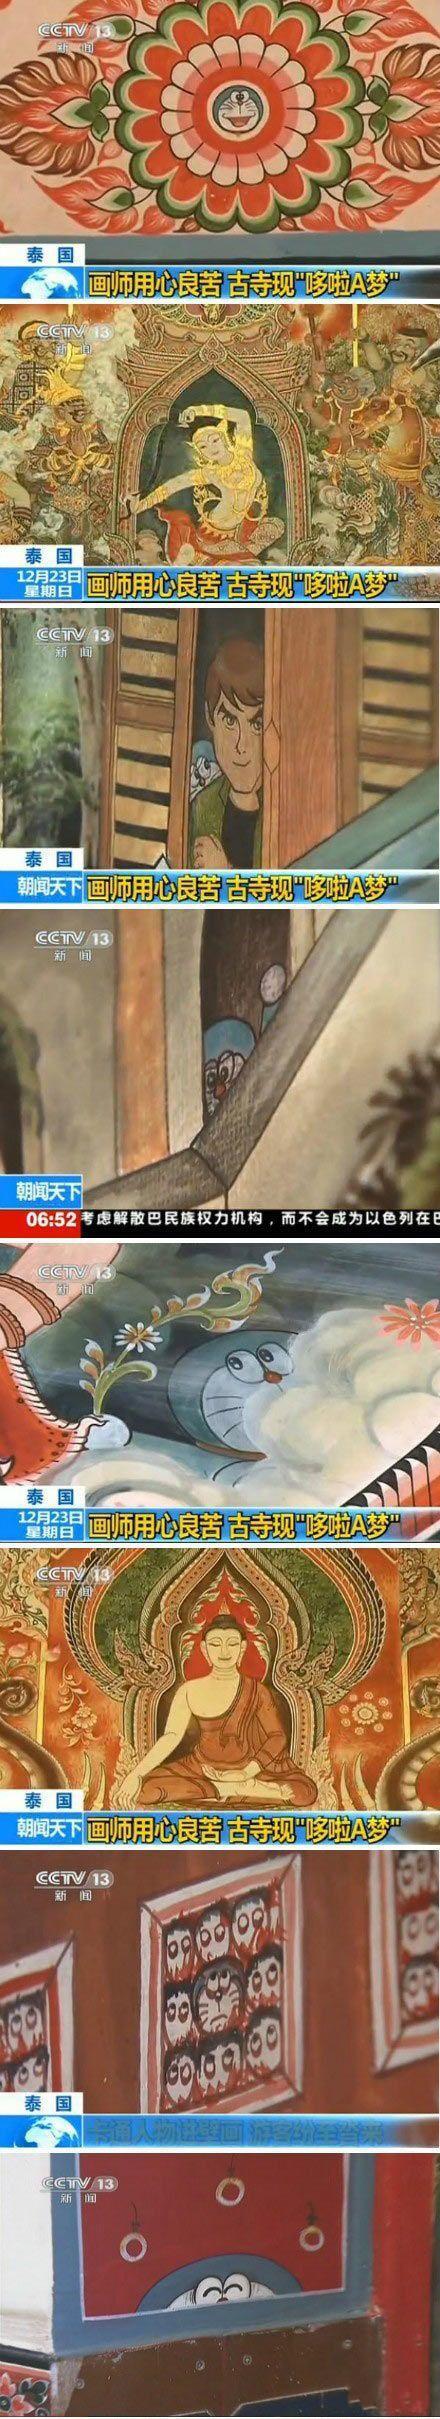 泰国一古寺请画师画壁画,画师爱猫,于是偷偷在壁画里画入多拉A梦。最后连他自己也记不得画了多少,藏在哪里。古寺由此吸引大批游客!